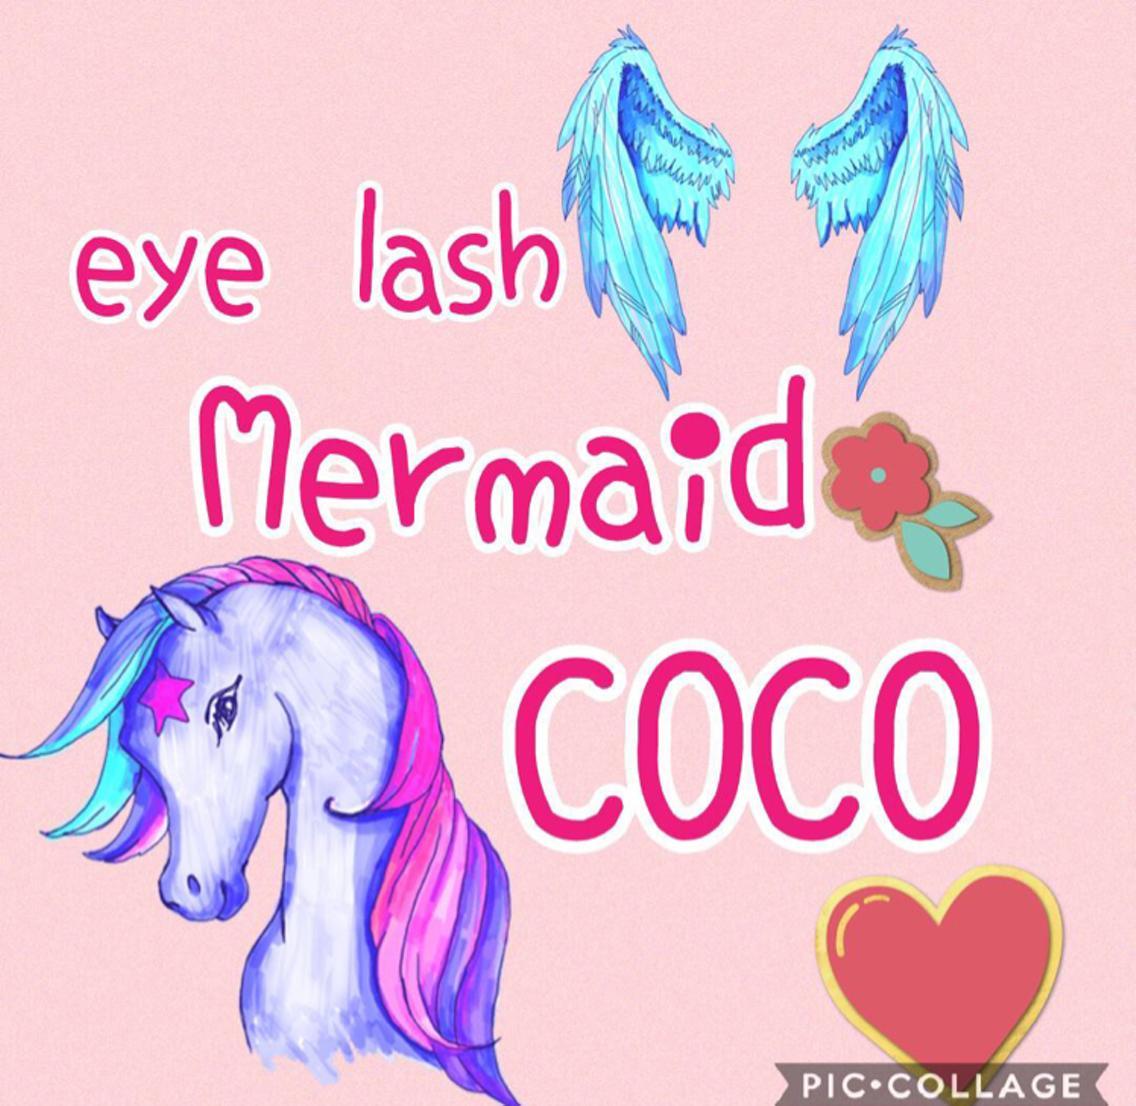 eye lash mermaid COCO所属・MermaidCOCOの掲載